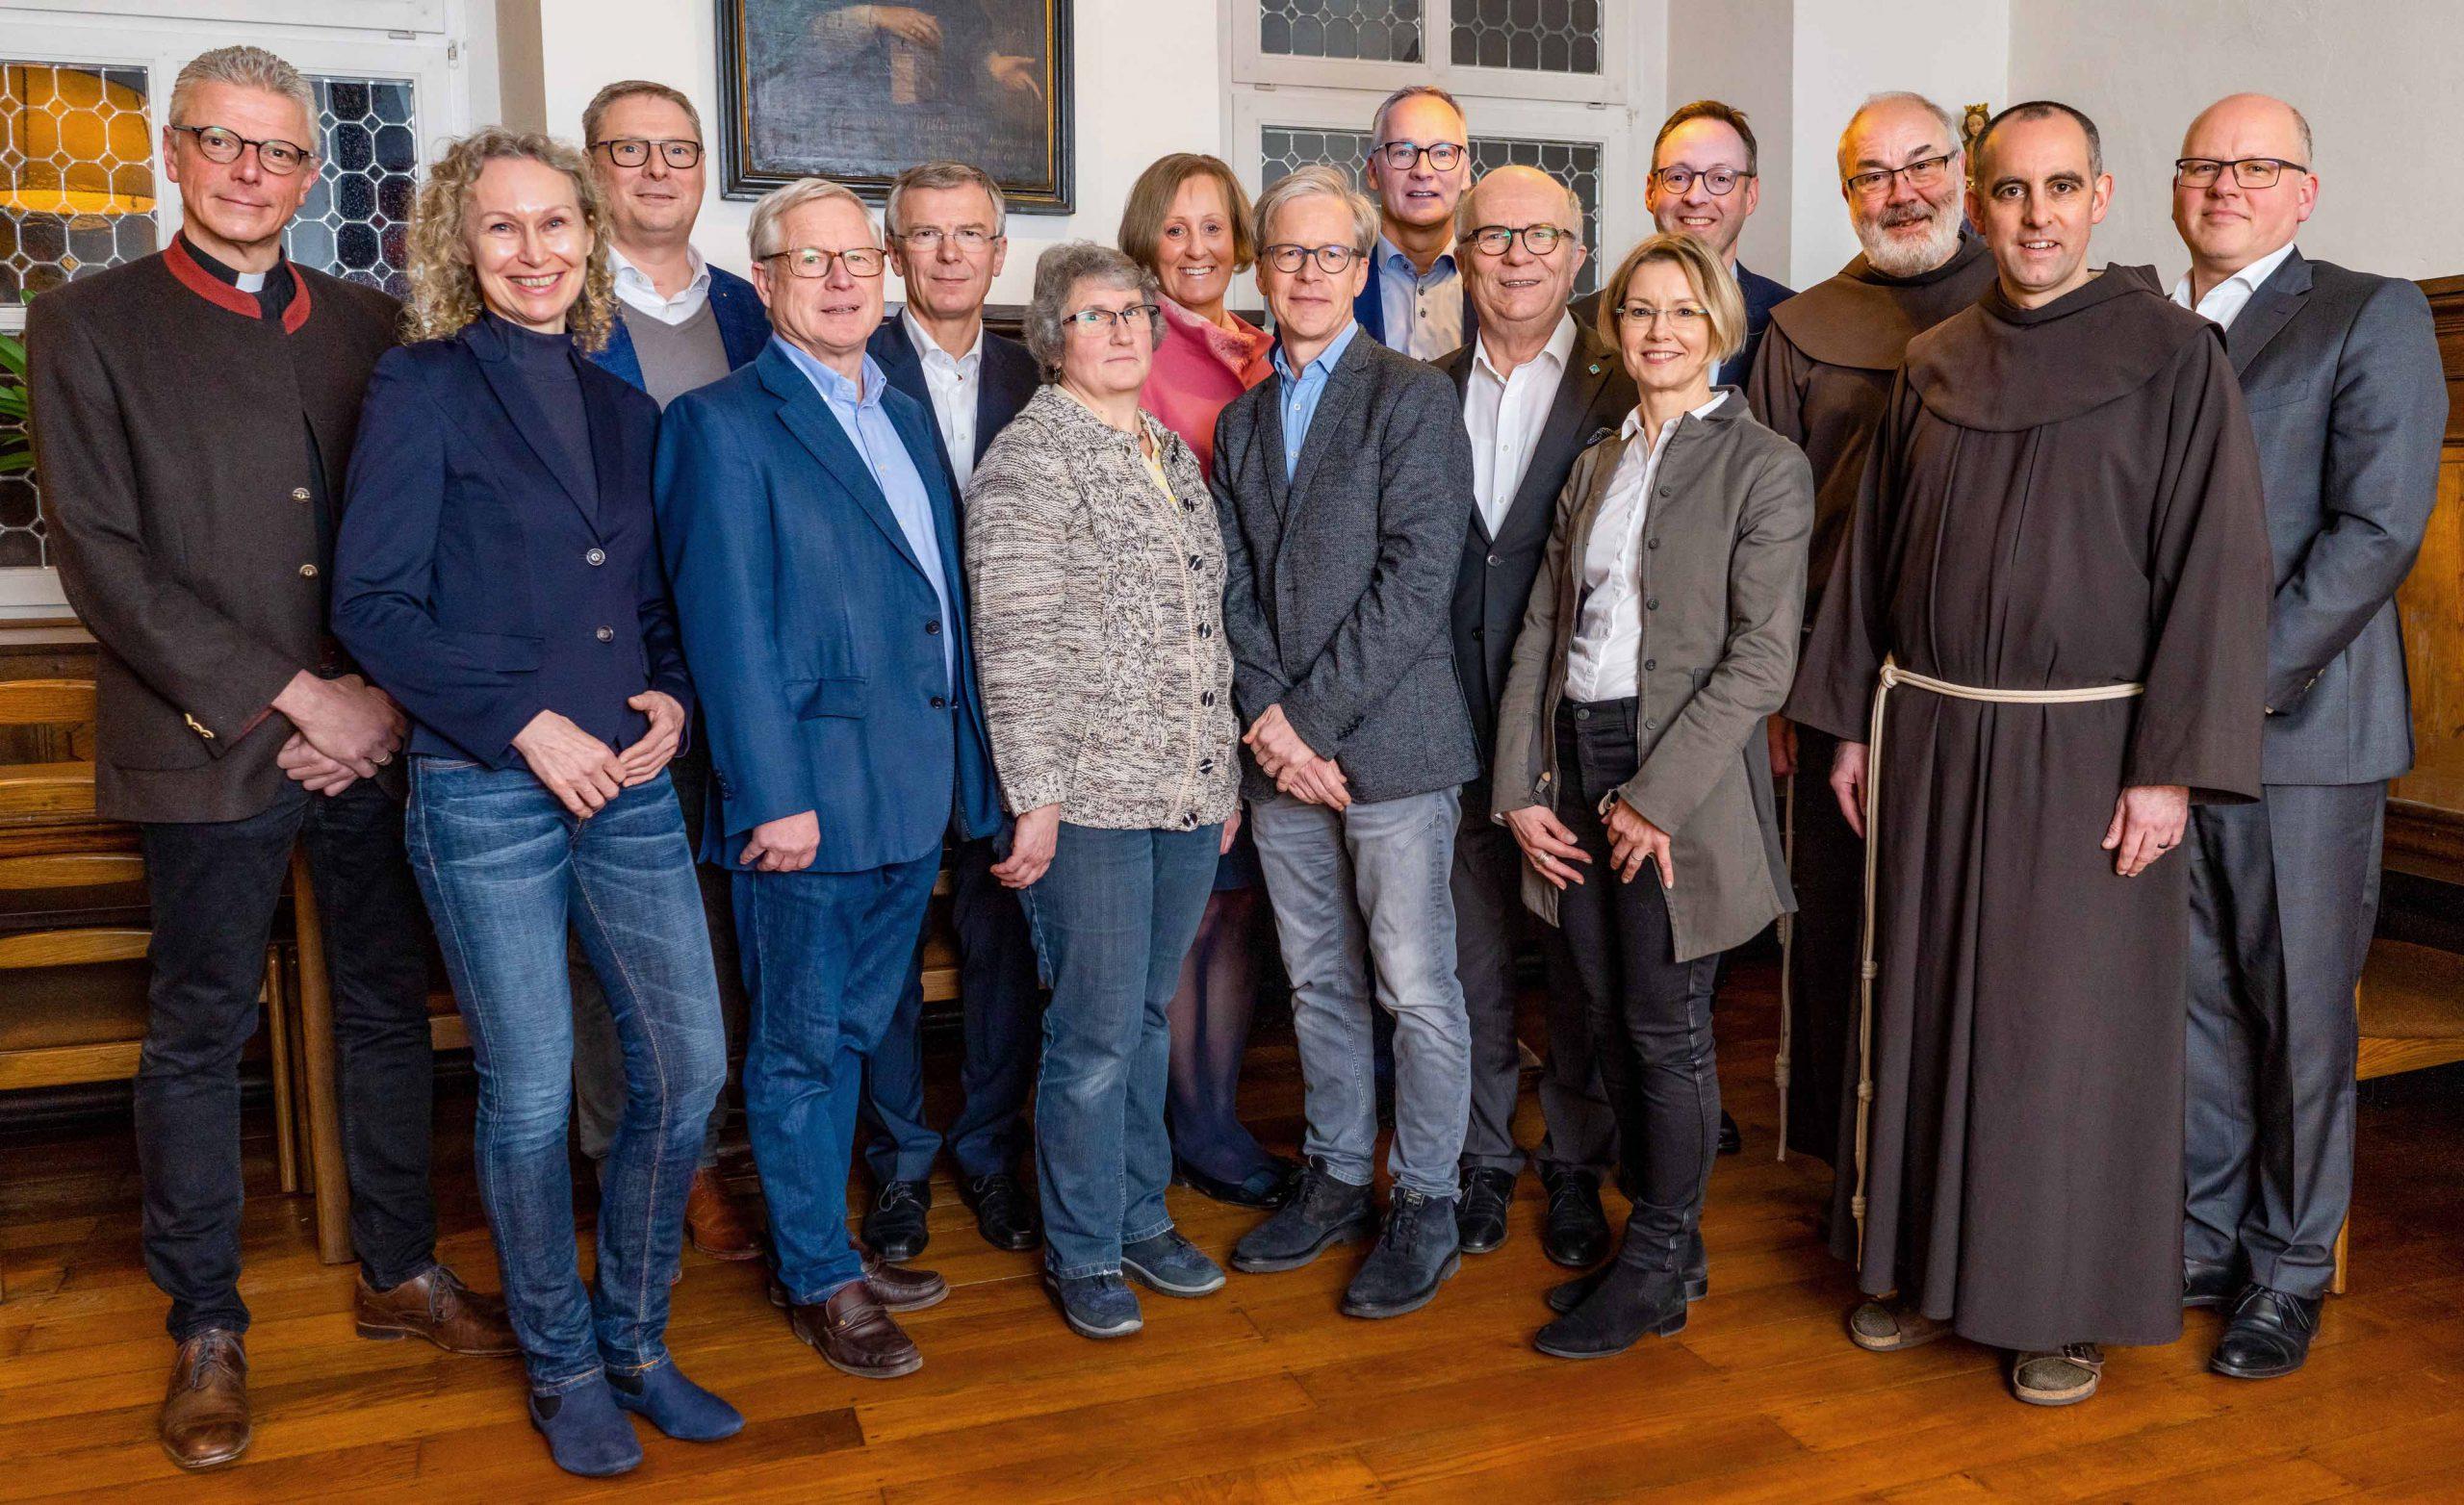 Kloster Wiedenbrück Gründungsversammlung 20.01.2020